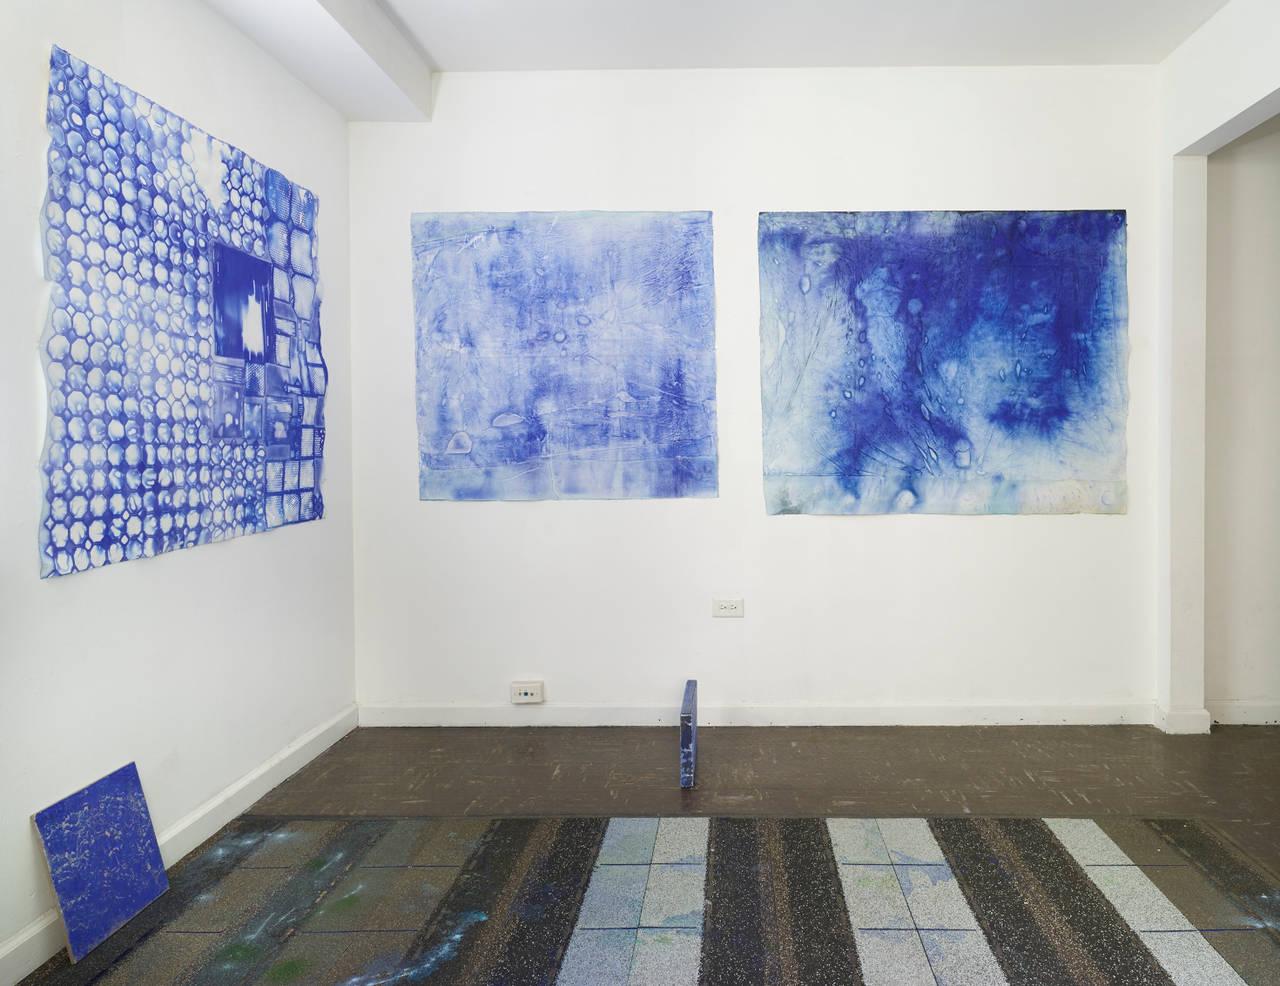 Ellen Hackl Fagan, Seeking the Sound of Cobalt Blue_Delft, 2015, Rag Paper - Purple Abstract Drawing by Ellen Hackl Fagan